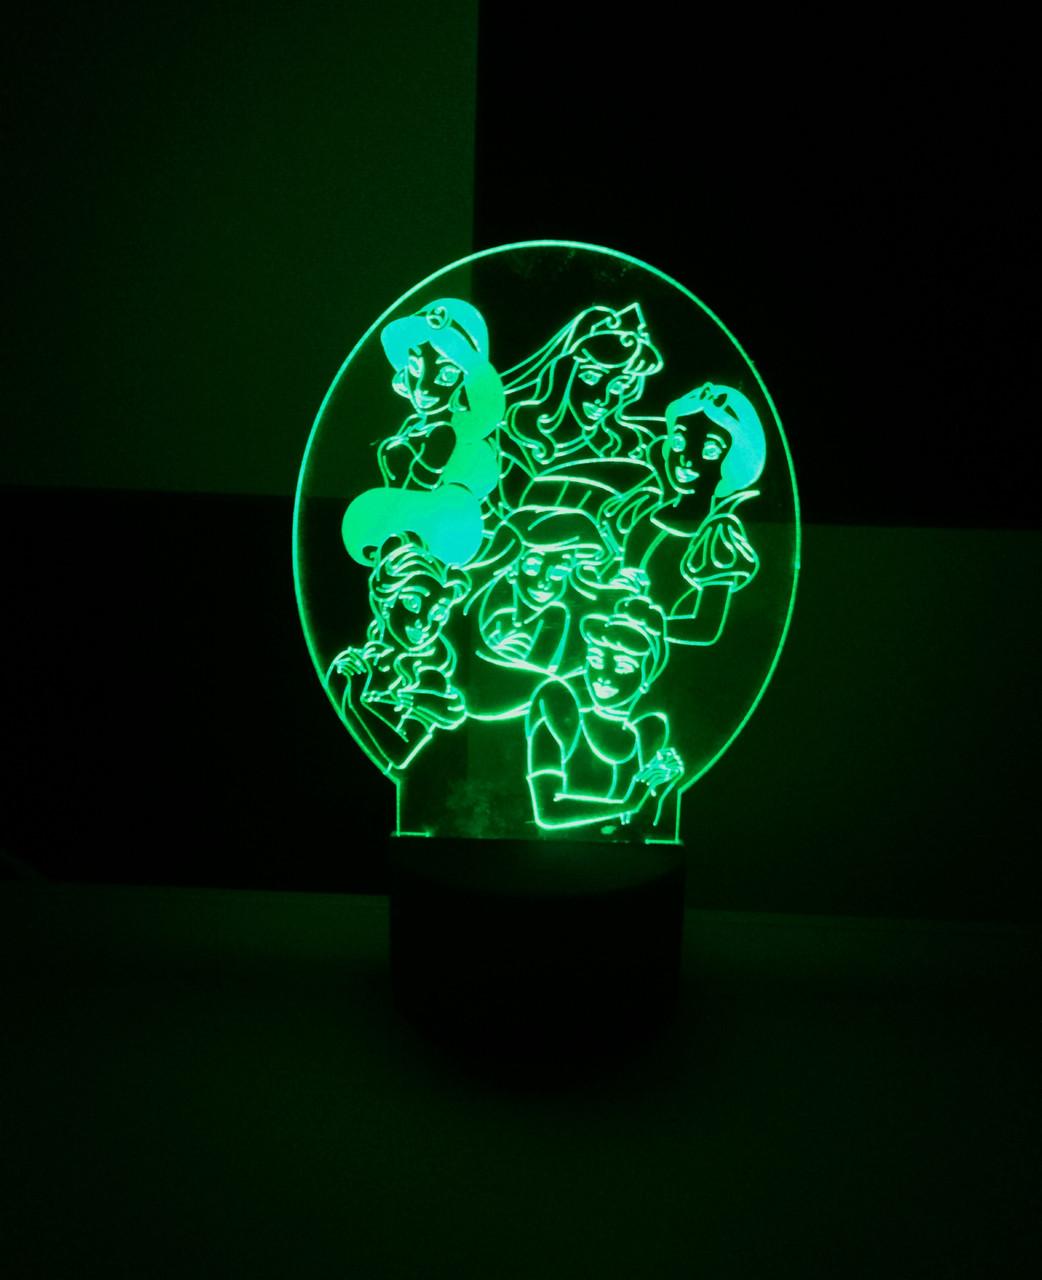 3d-світильник Принцеси Дісней, 3д-нічник, кілька підсвічувань (на батарейці)